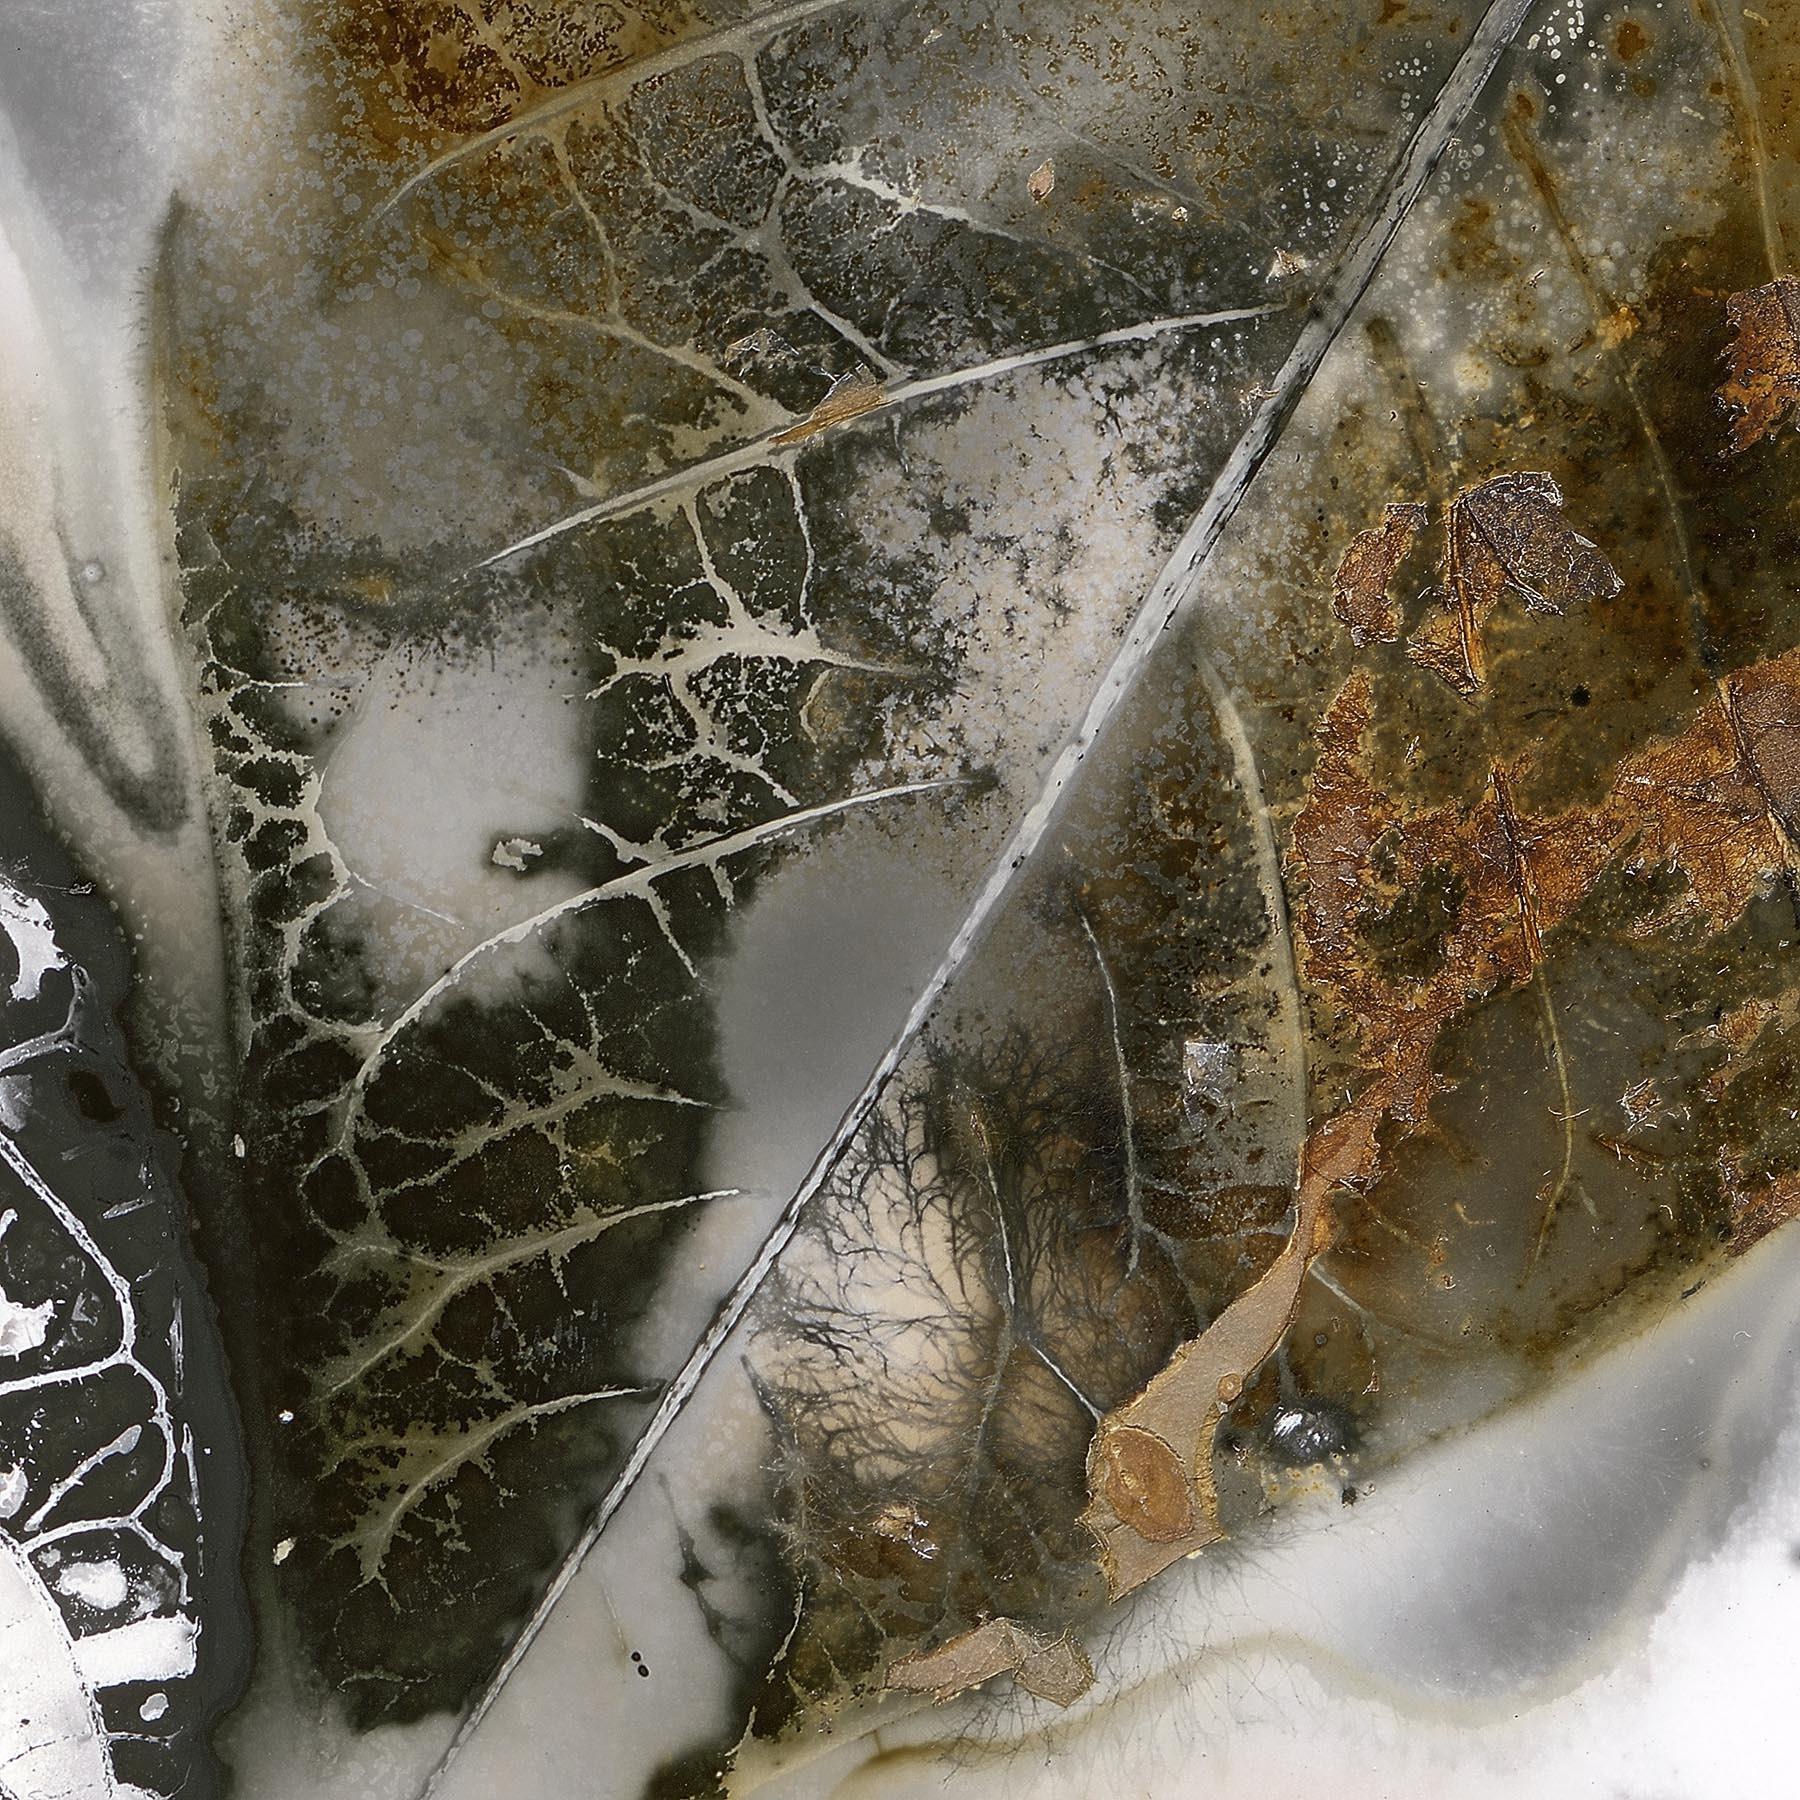 Edward Bateman, Leaf No 30 - Salt Lake City, Utah USA